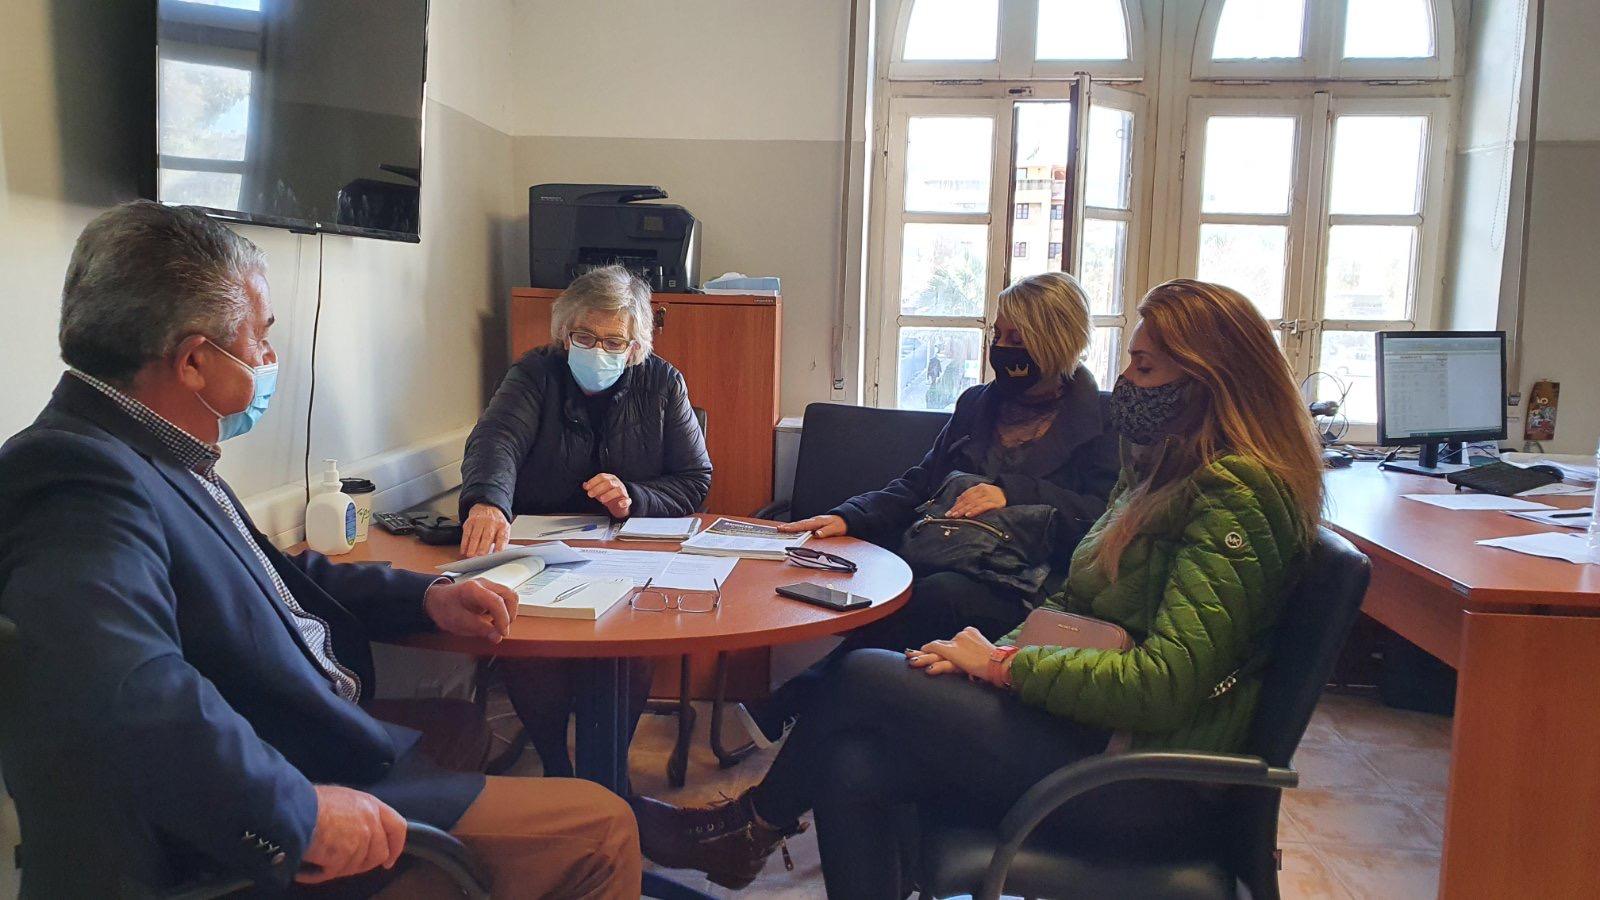 Συνάντηση εργασίας του αντιπεριφερειάρχη Μεταφορών με την ΕΥΘΥΤΑ